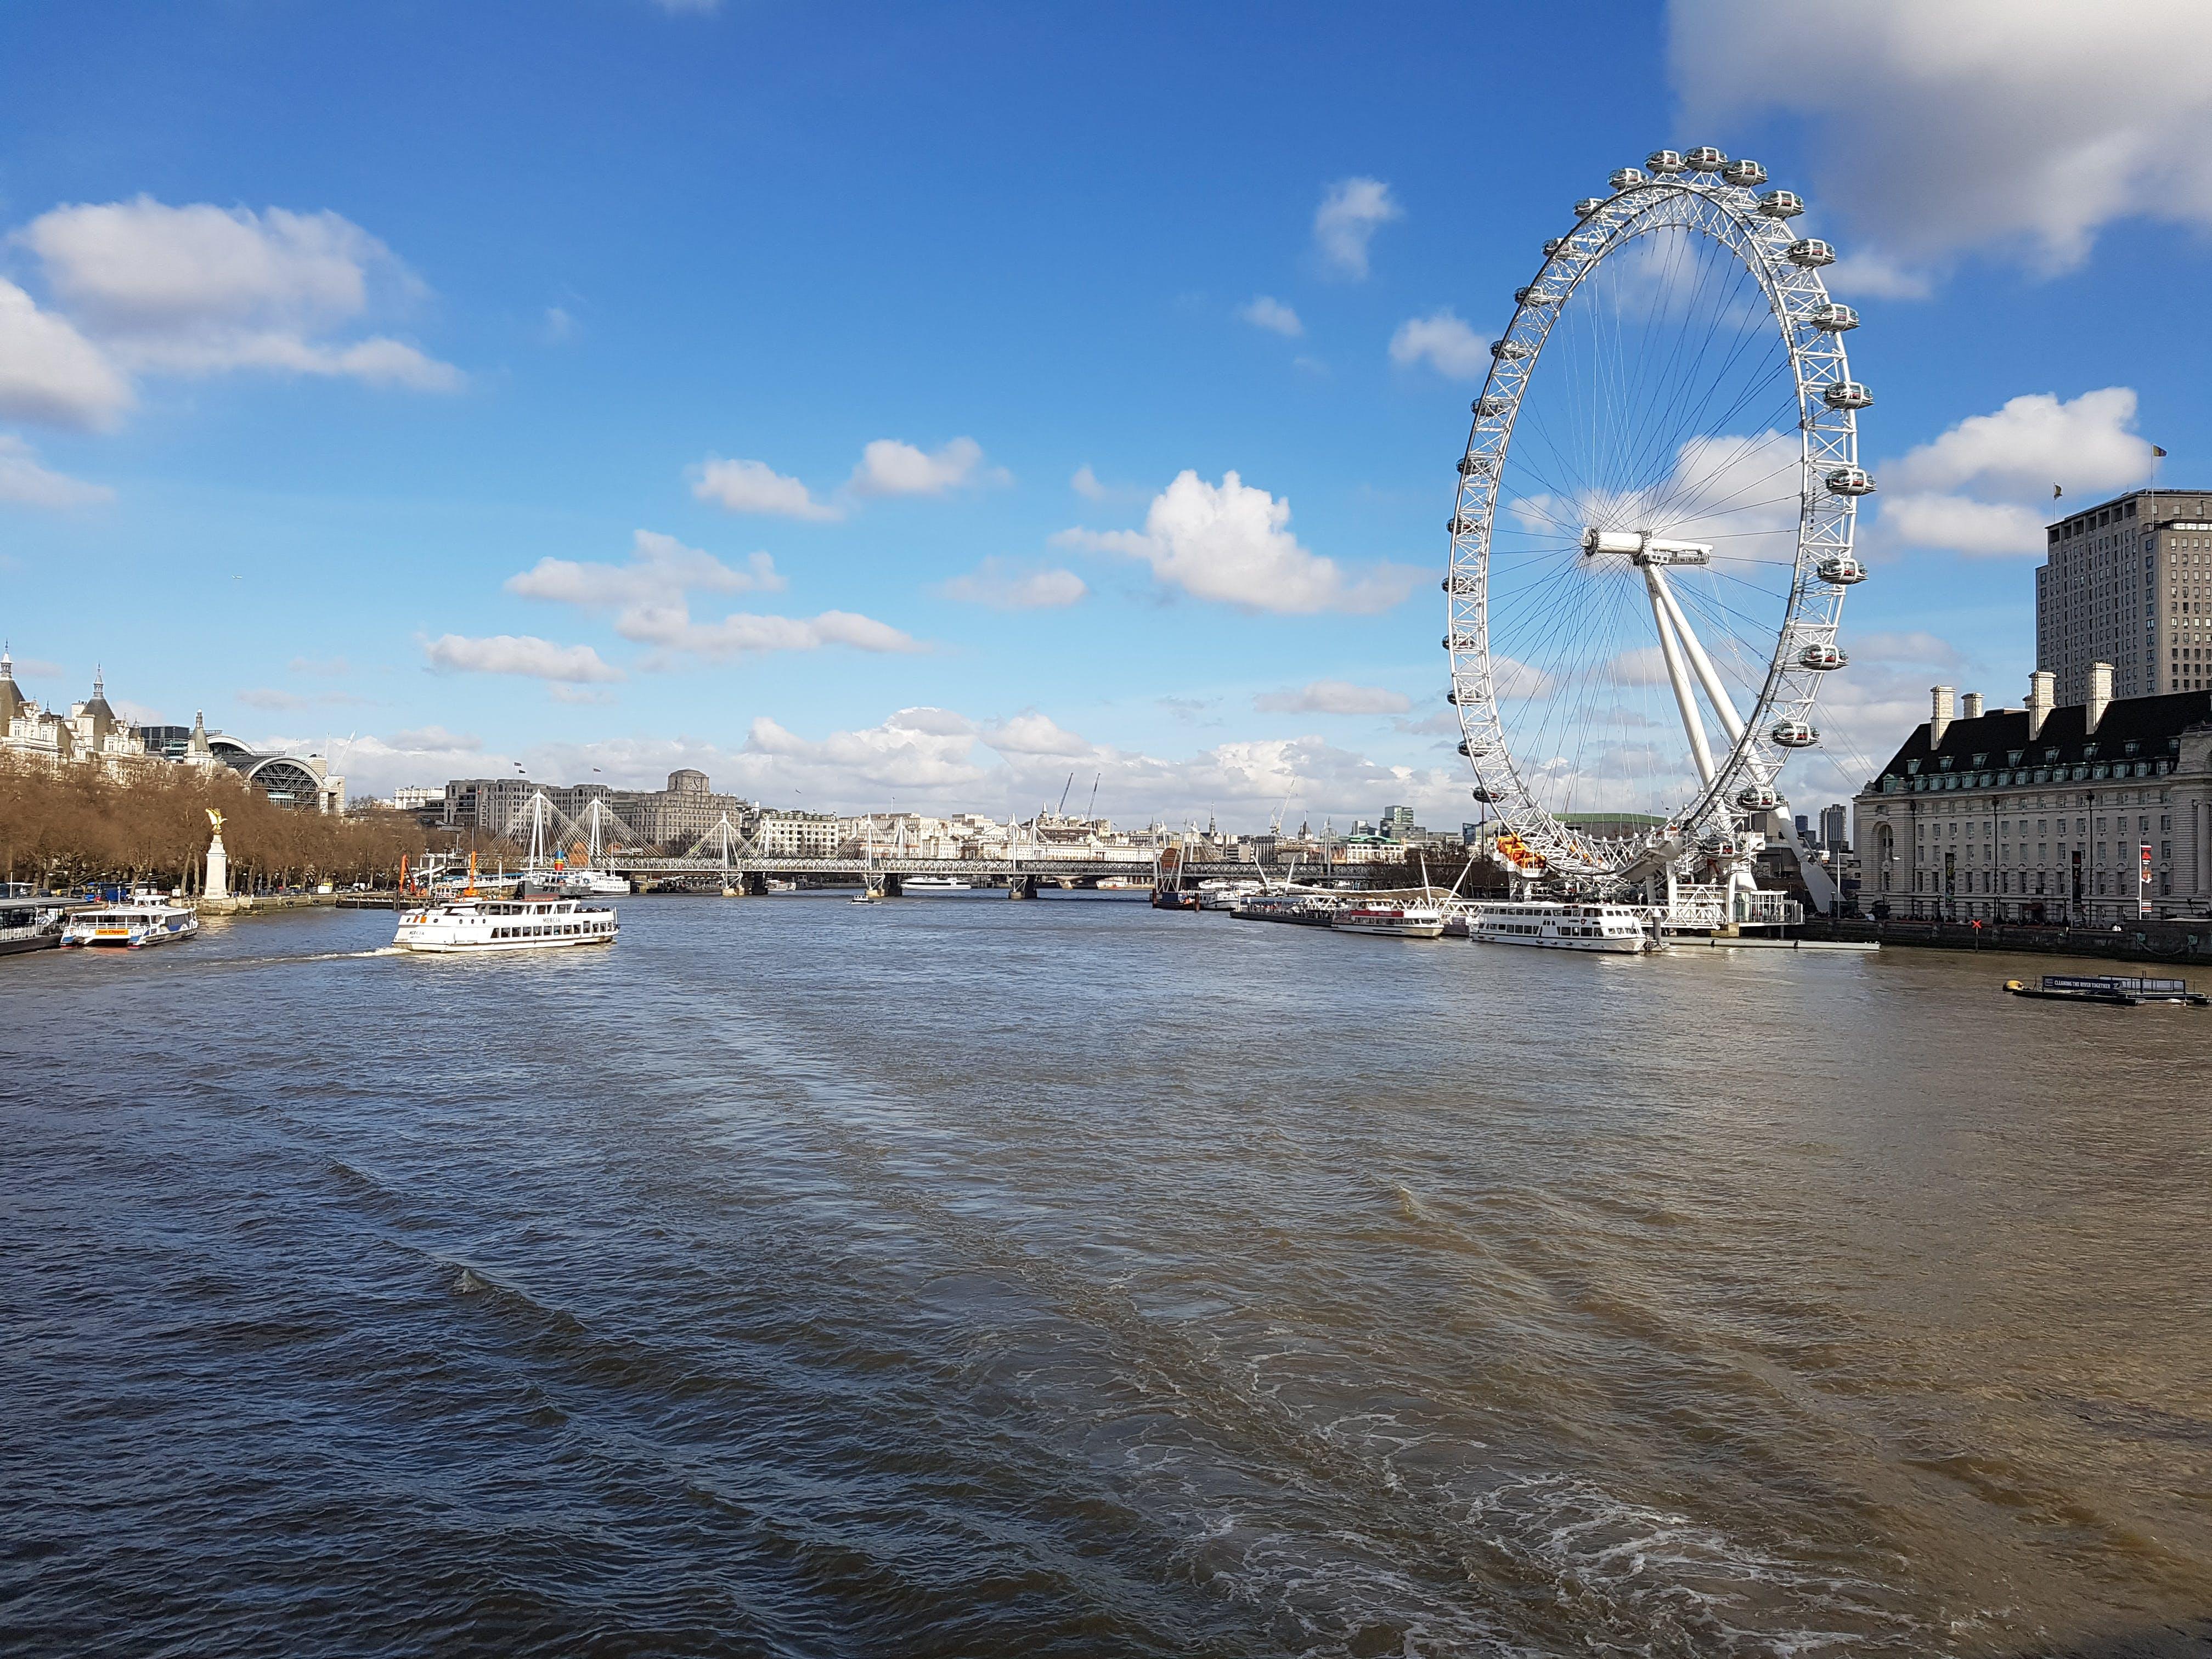 Free stock photo of Thames river view London Eye